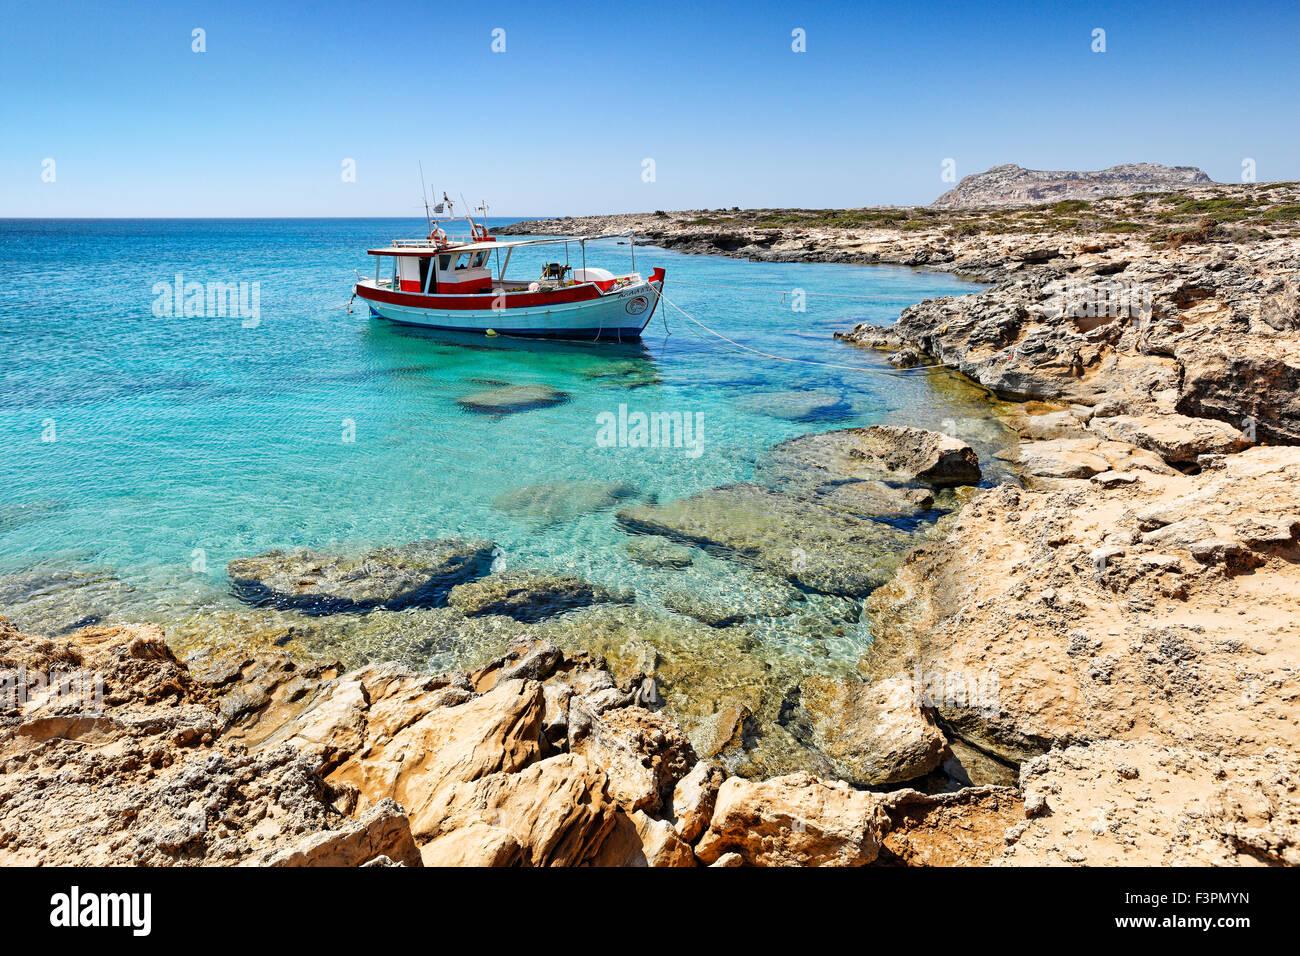 Un bateau de pêche près de Diakofti à Karpathos, Grèce Photo Stock